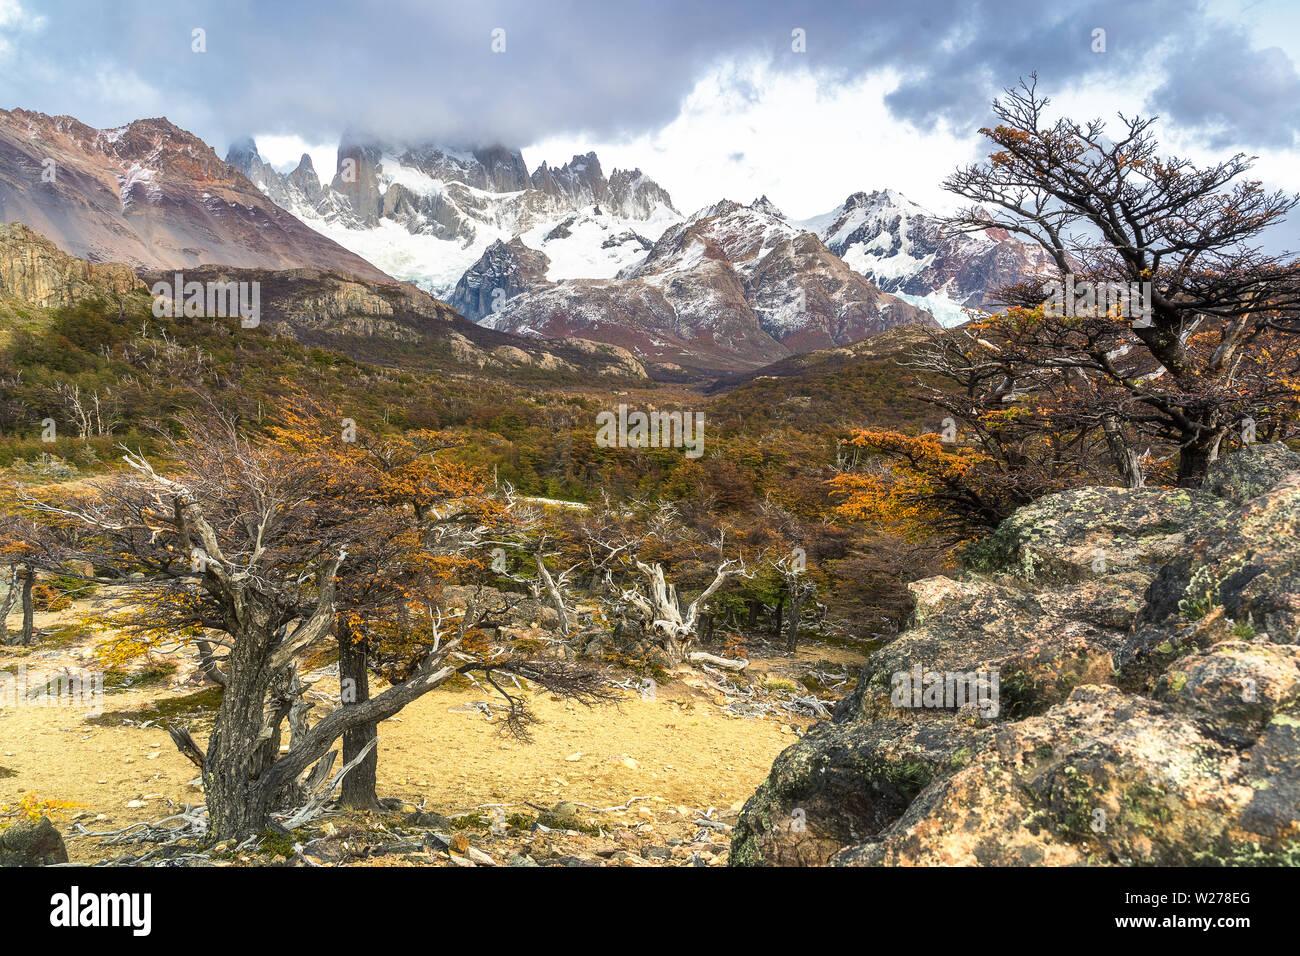 Fitz Roy mount in Los Glaciares National Park, El Chalten,Patagonia, Argentina. - Stock Image